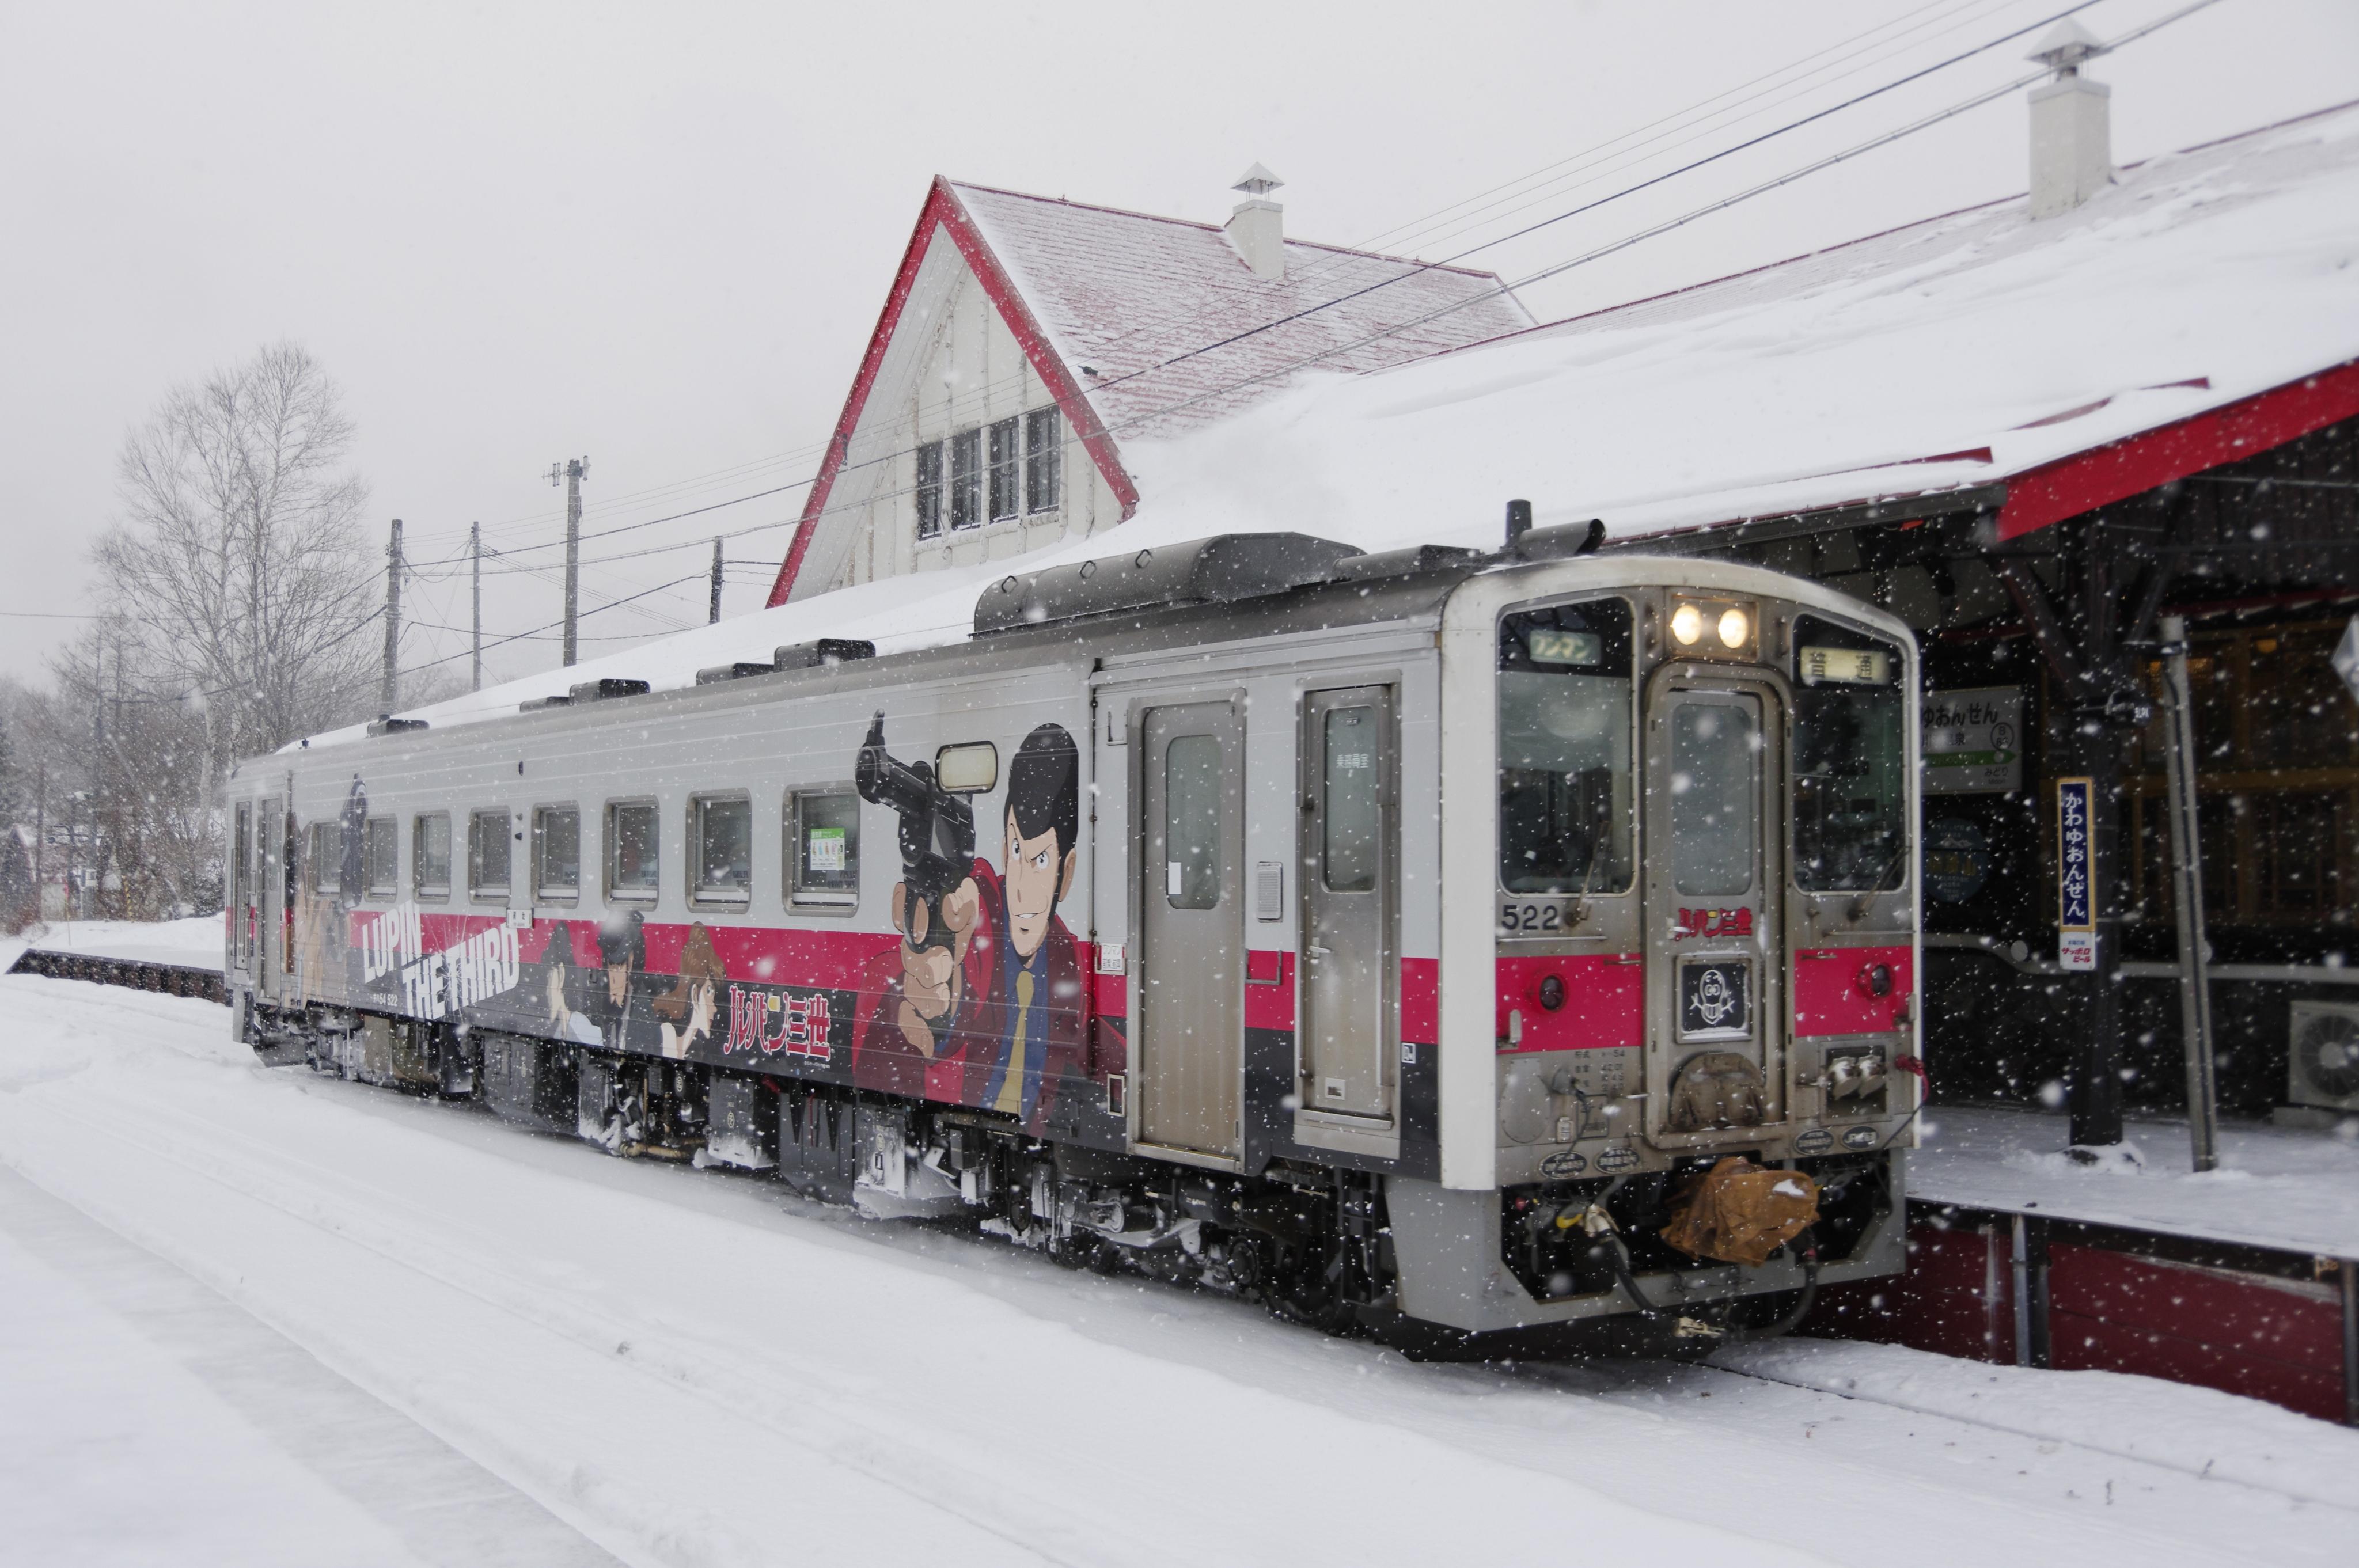 ルパン三世ラッピングトレイン 川湯温泉駅出発_180127.jpg